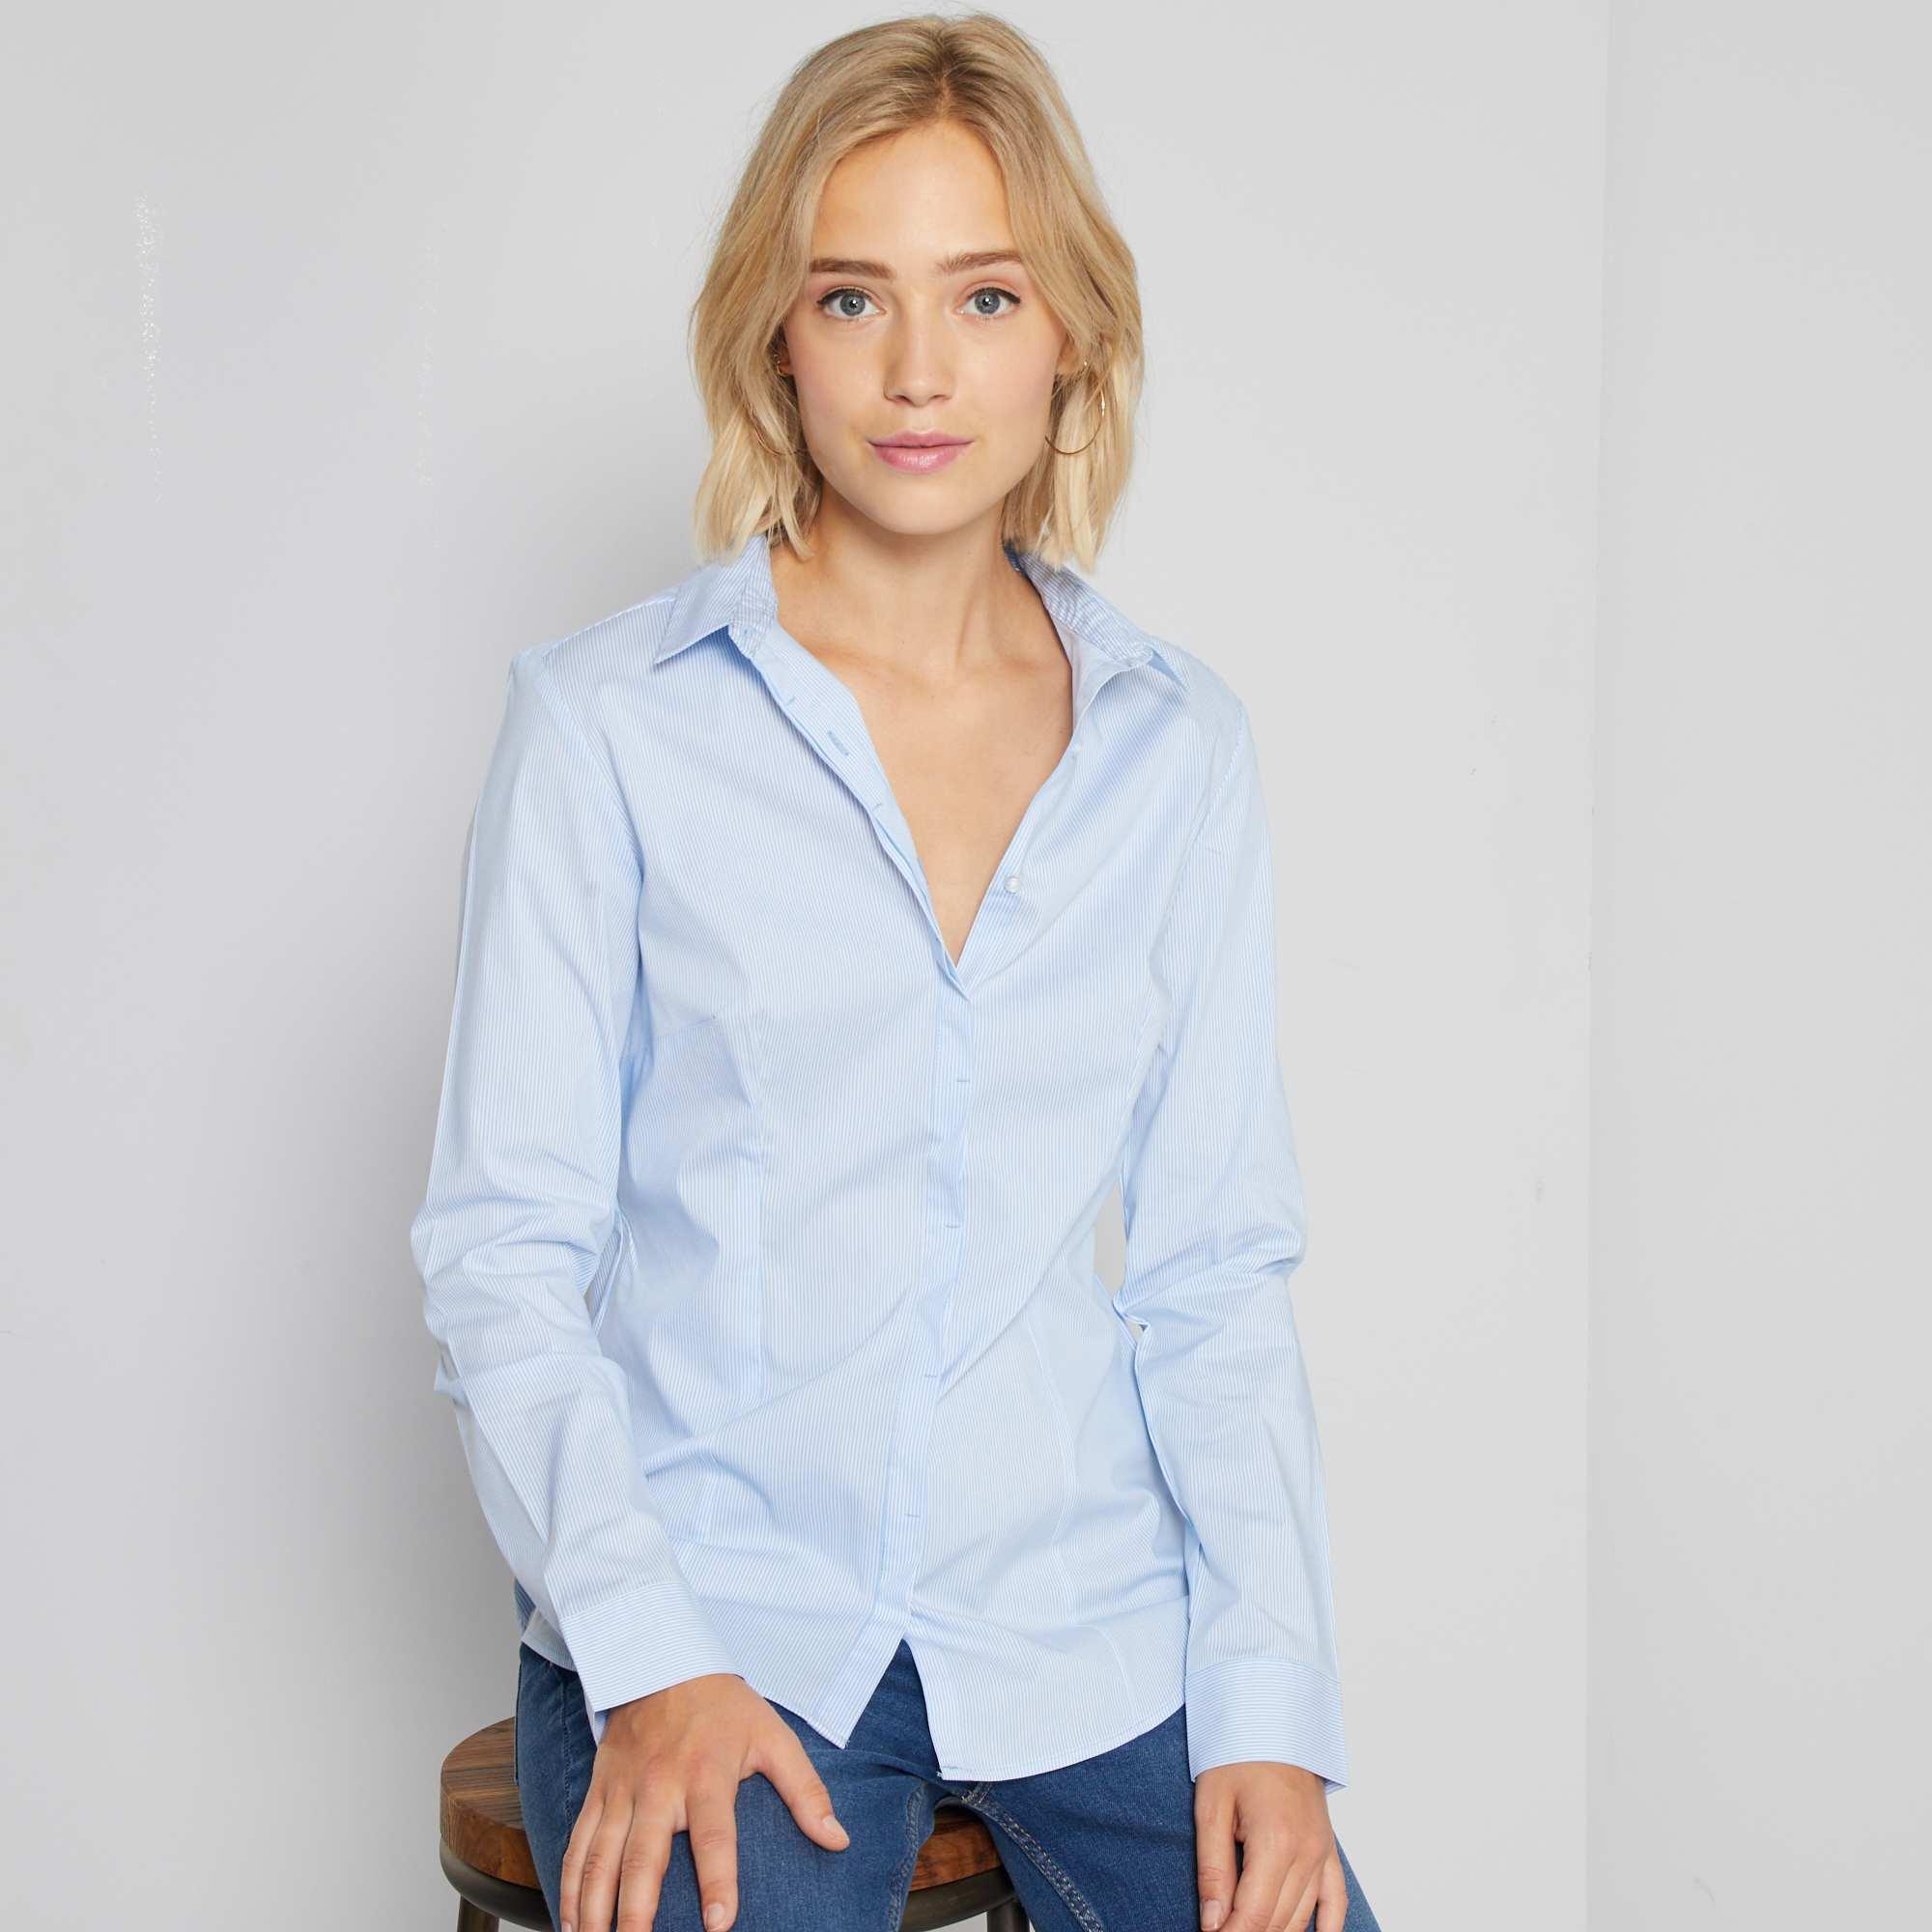 Camisa entallada elástica de popelina Mujer talla 34 to 48 - Kiabi ...